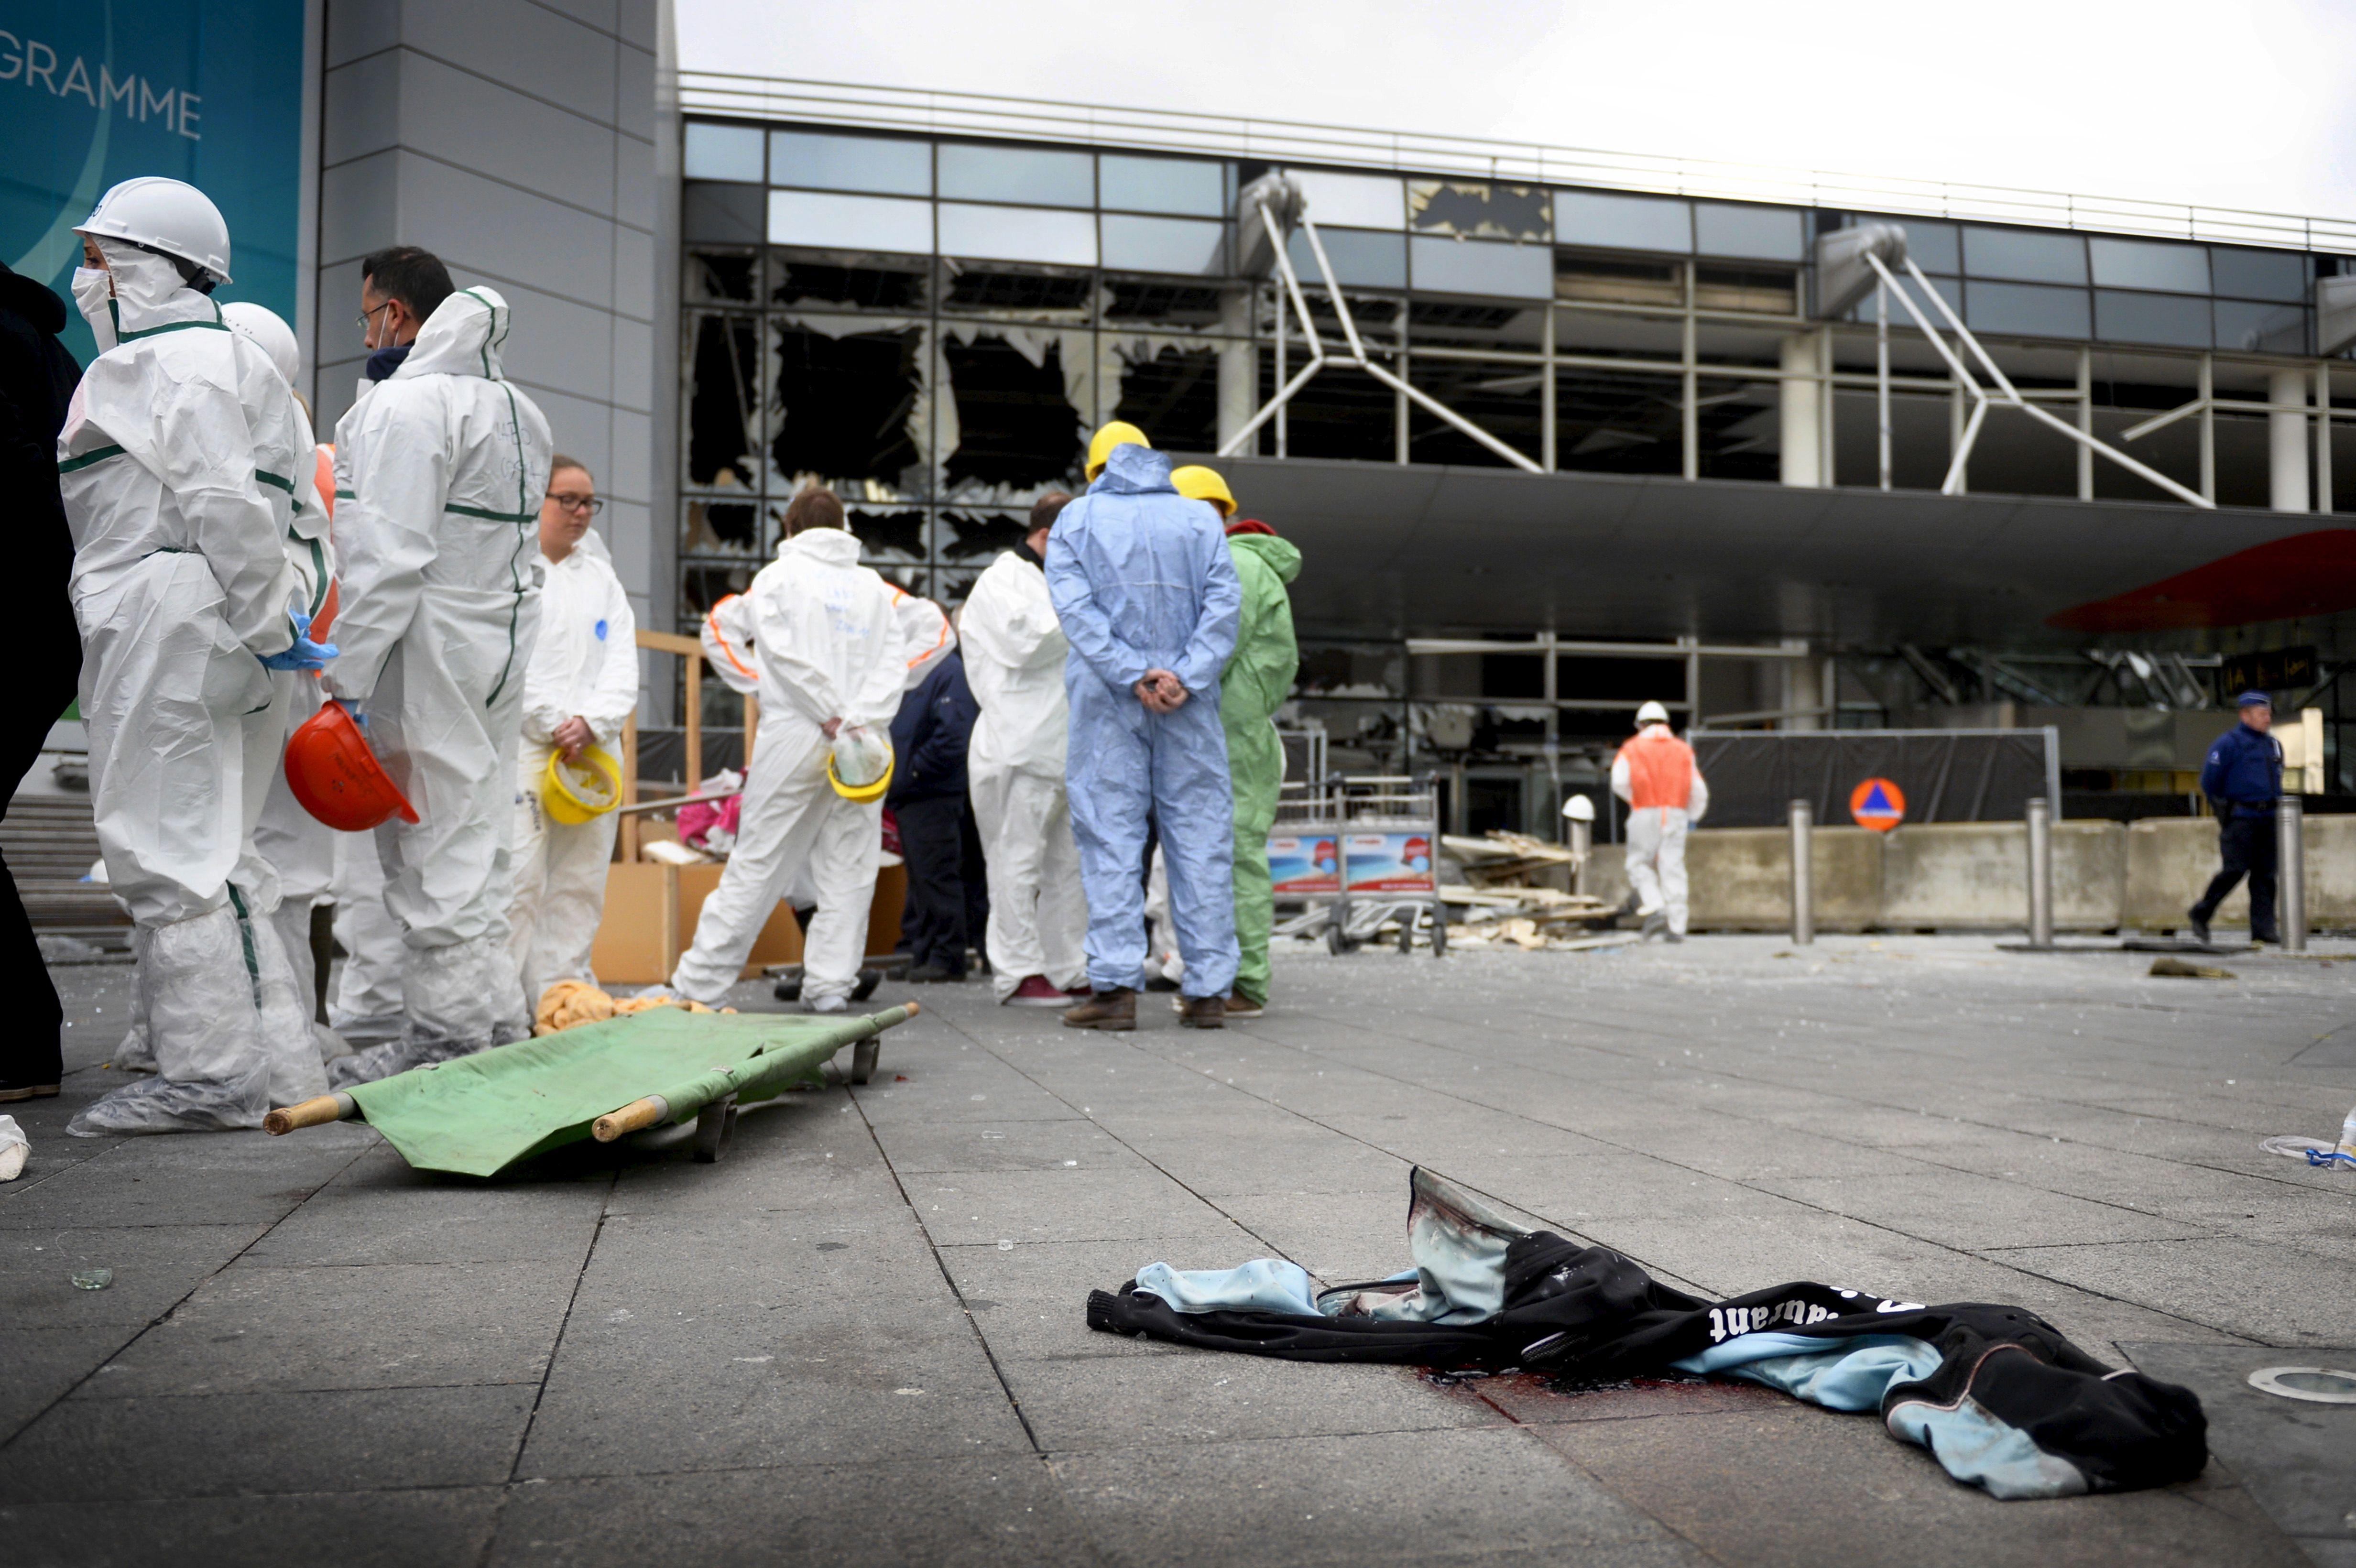 L'homme se trouvait sur les lieux où les ceintures explosives ayant servi dans la capitale française le 13 novembre ont été fabriquées.